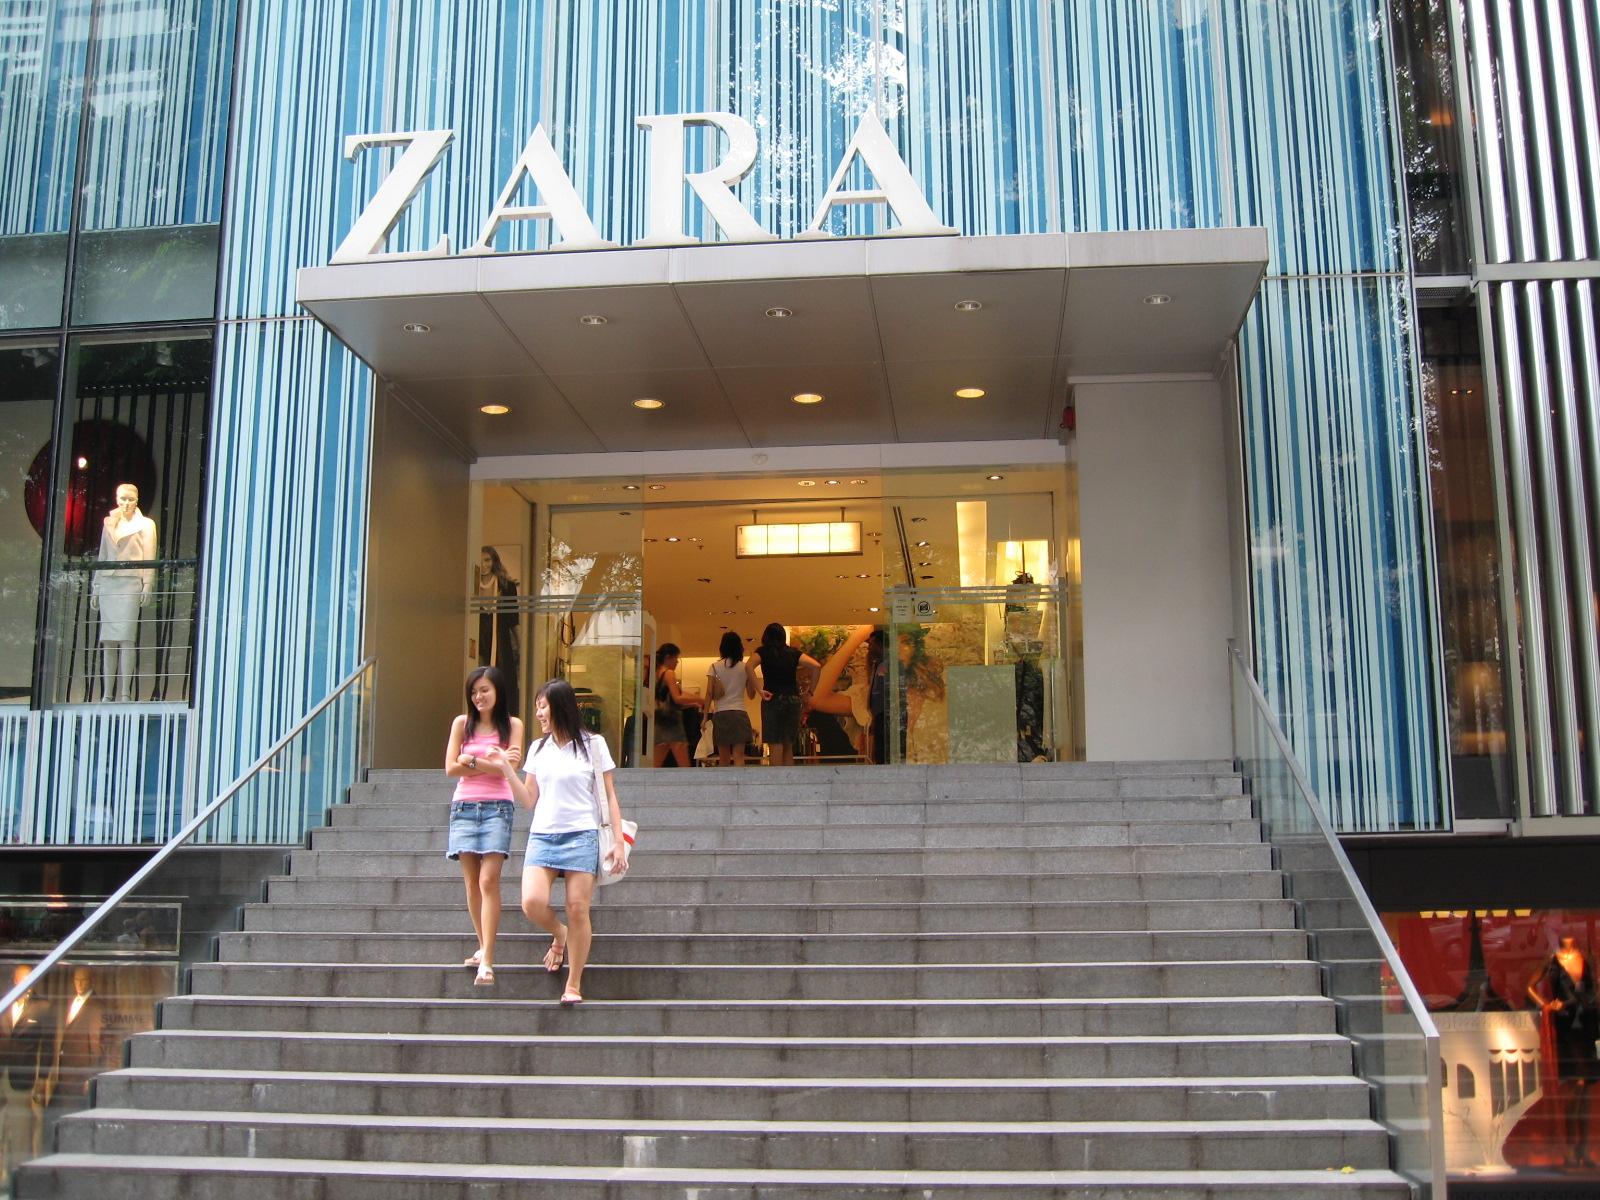 5ccca1cb6 Zara – Wikipédia, a enciclopédia livre